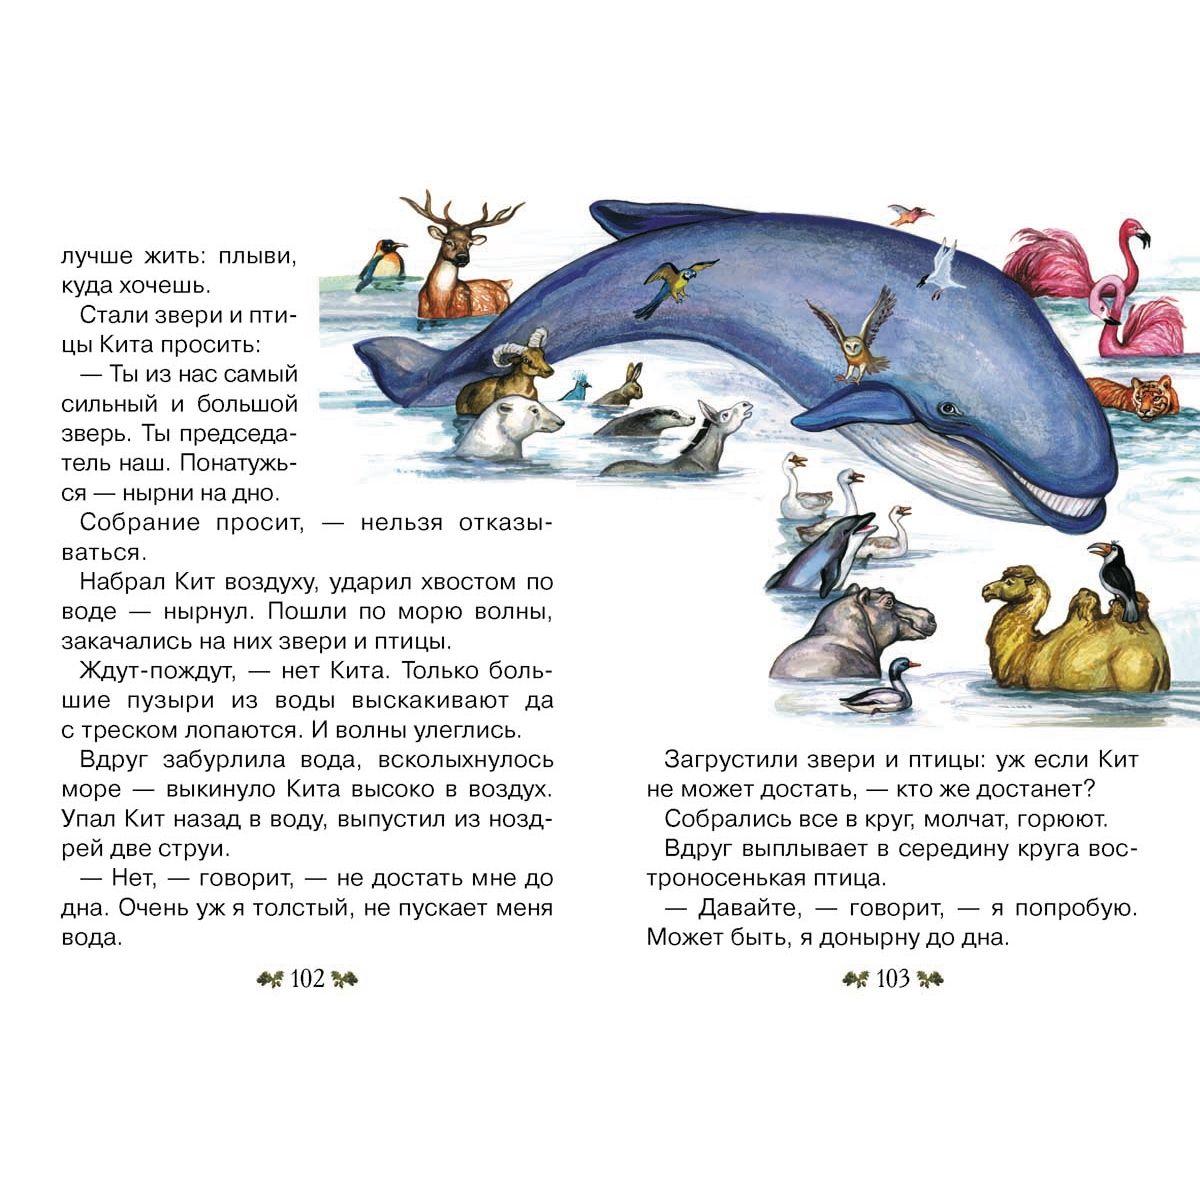 о животных и рассказ